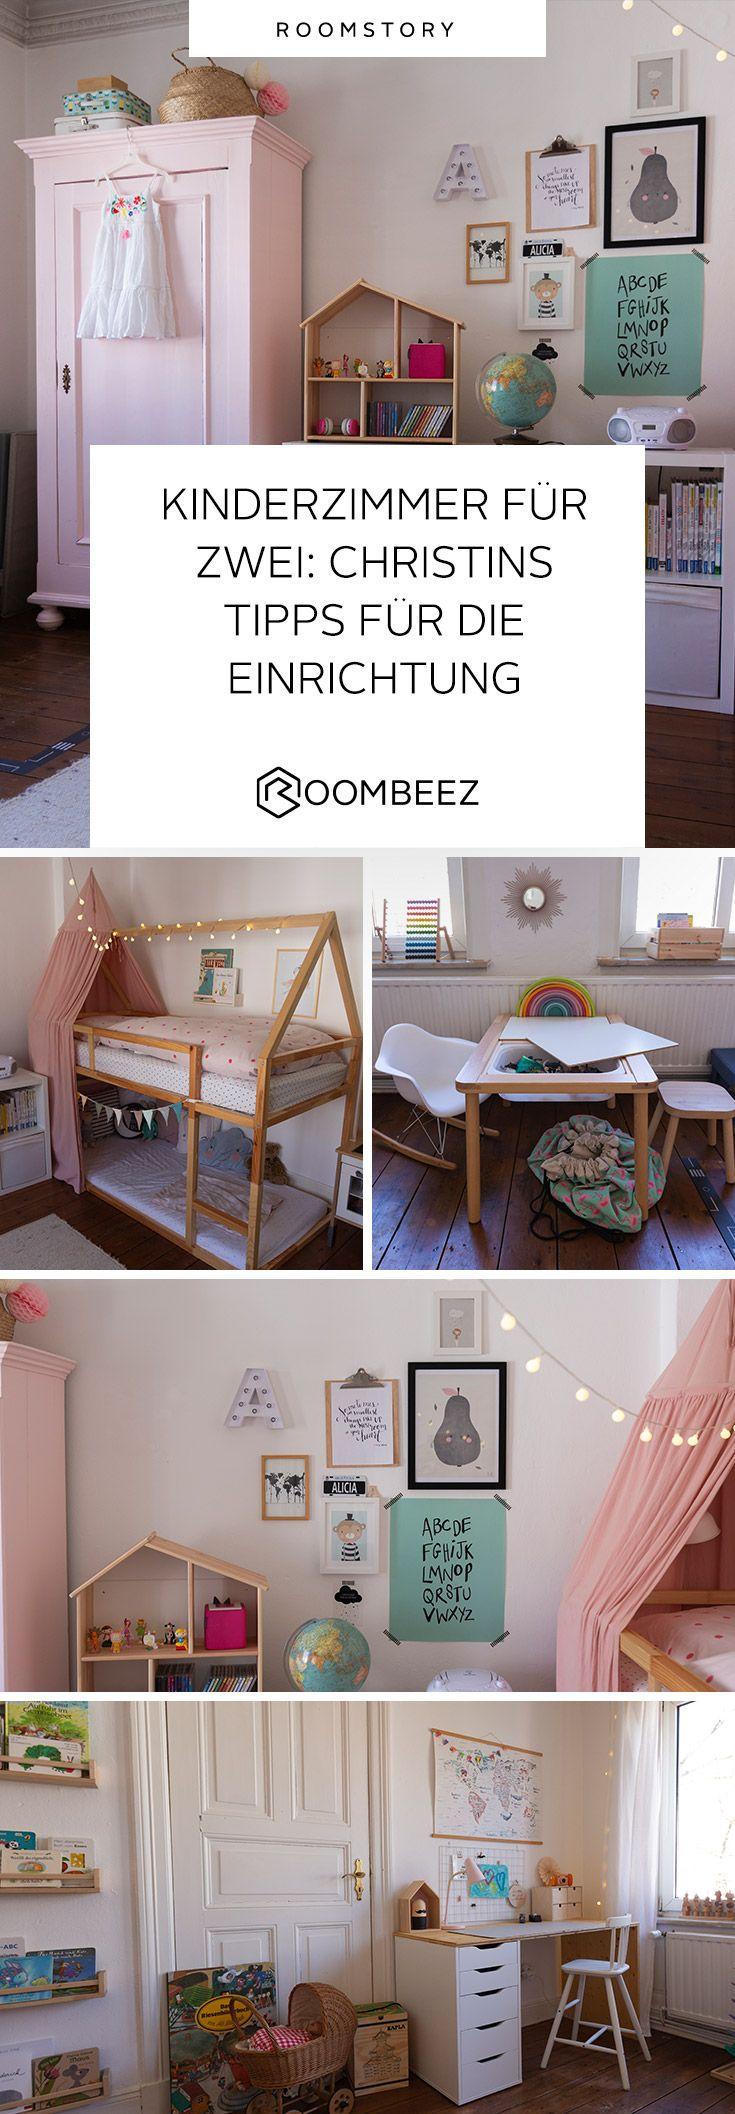 Kinderzimmer für zwei » Christins RoomstoryVideo Kinder